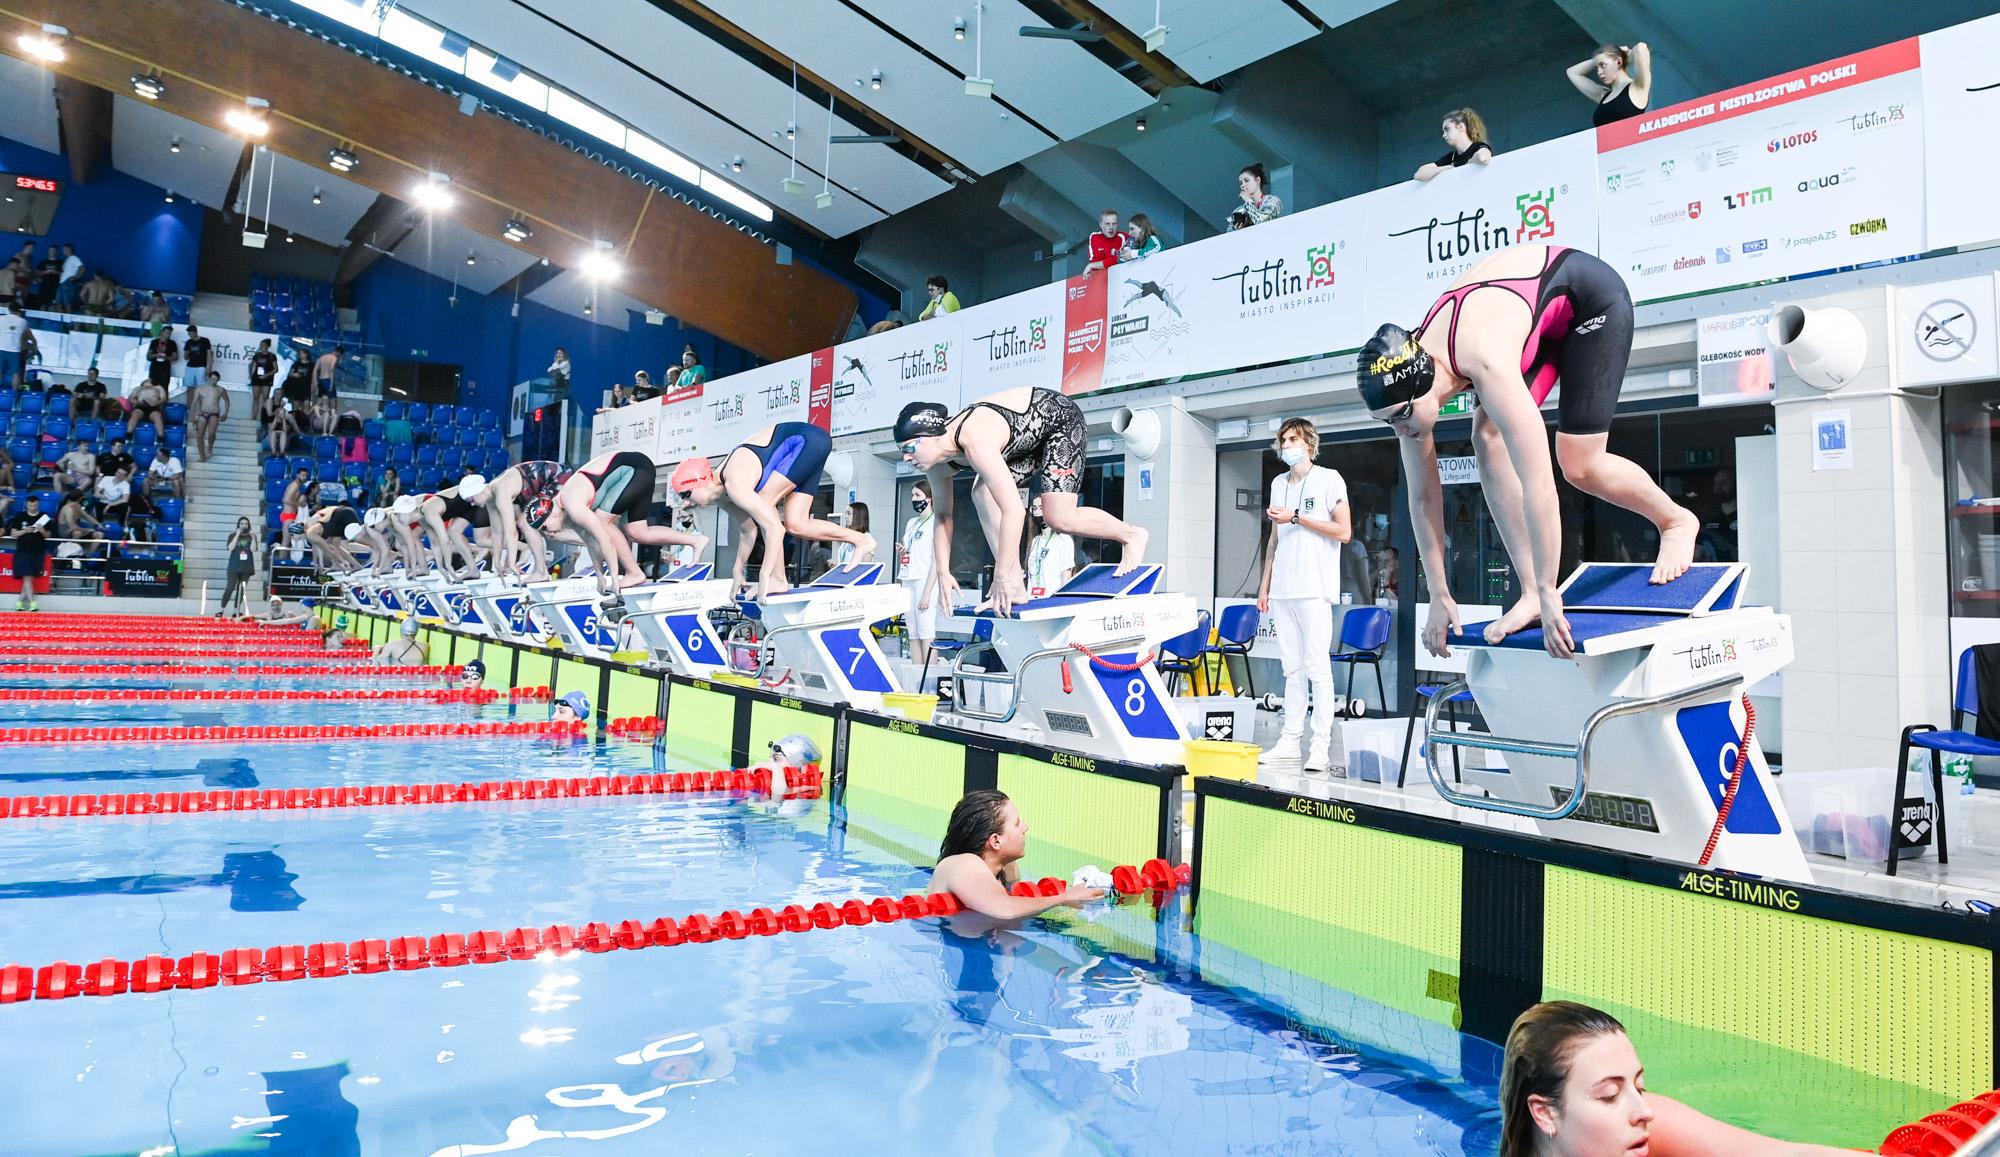 Wyniki 1. dnia Akademickich Mistrzostw Polski w pływaniu